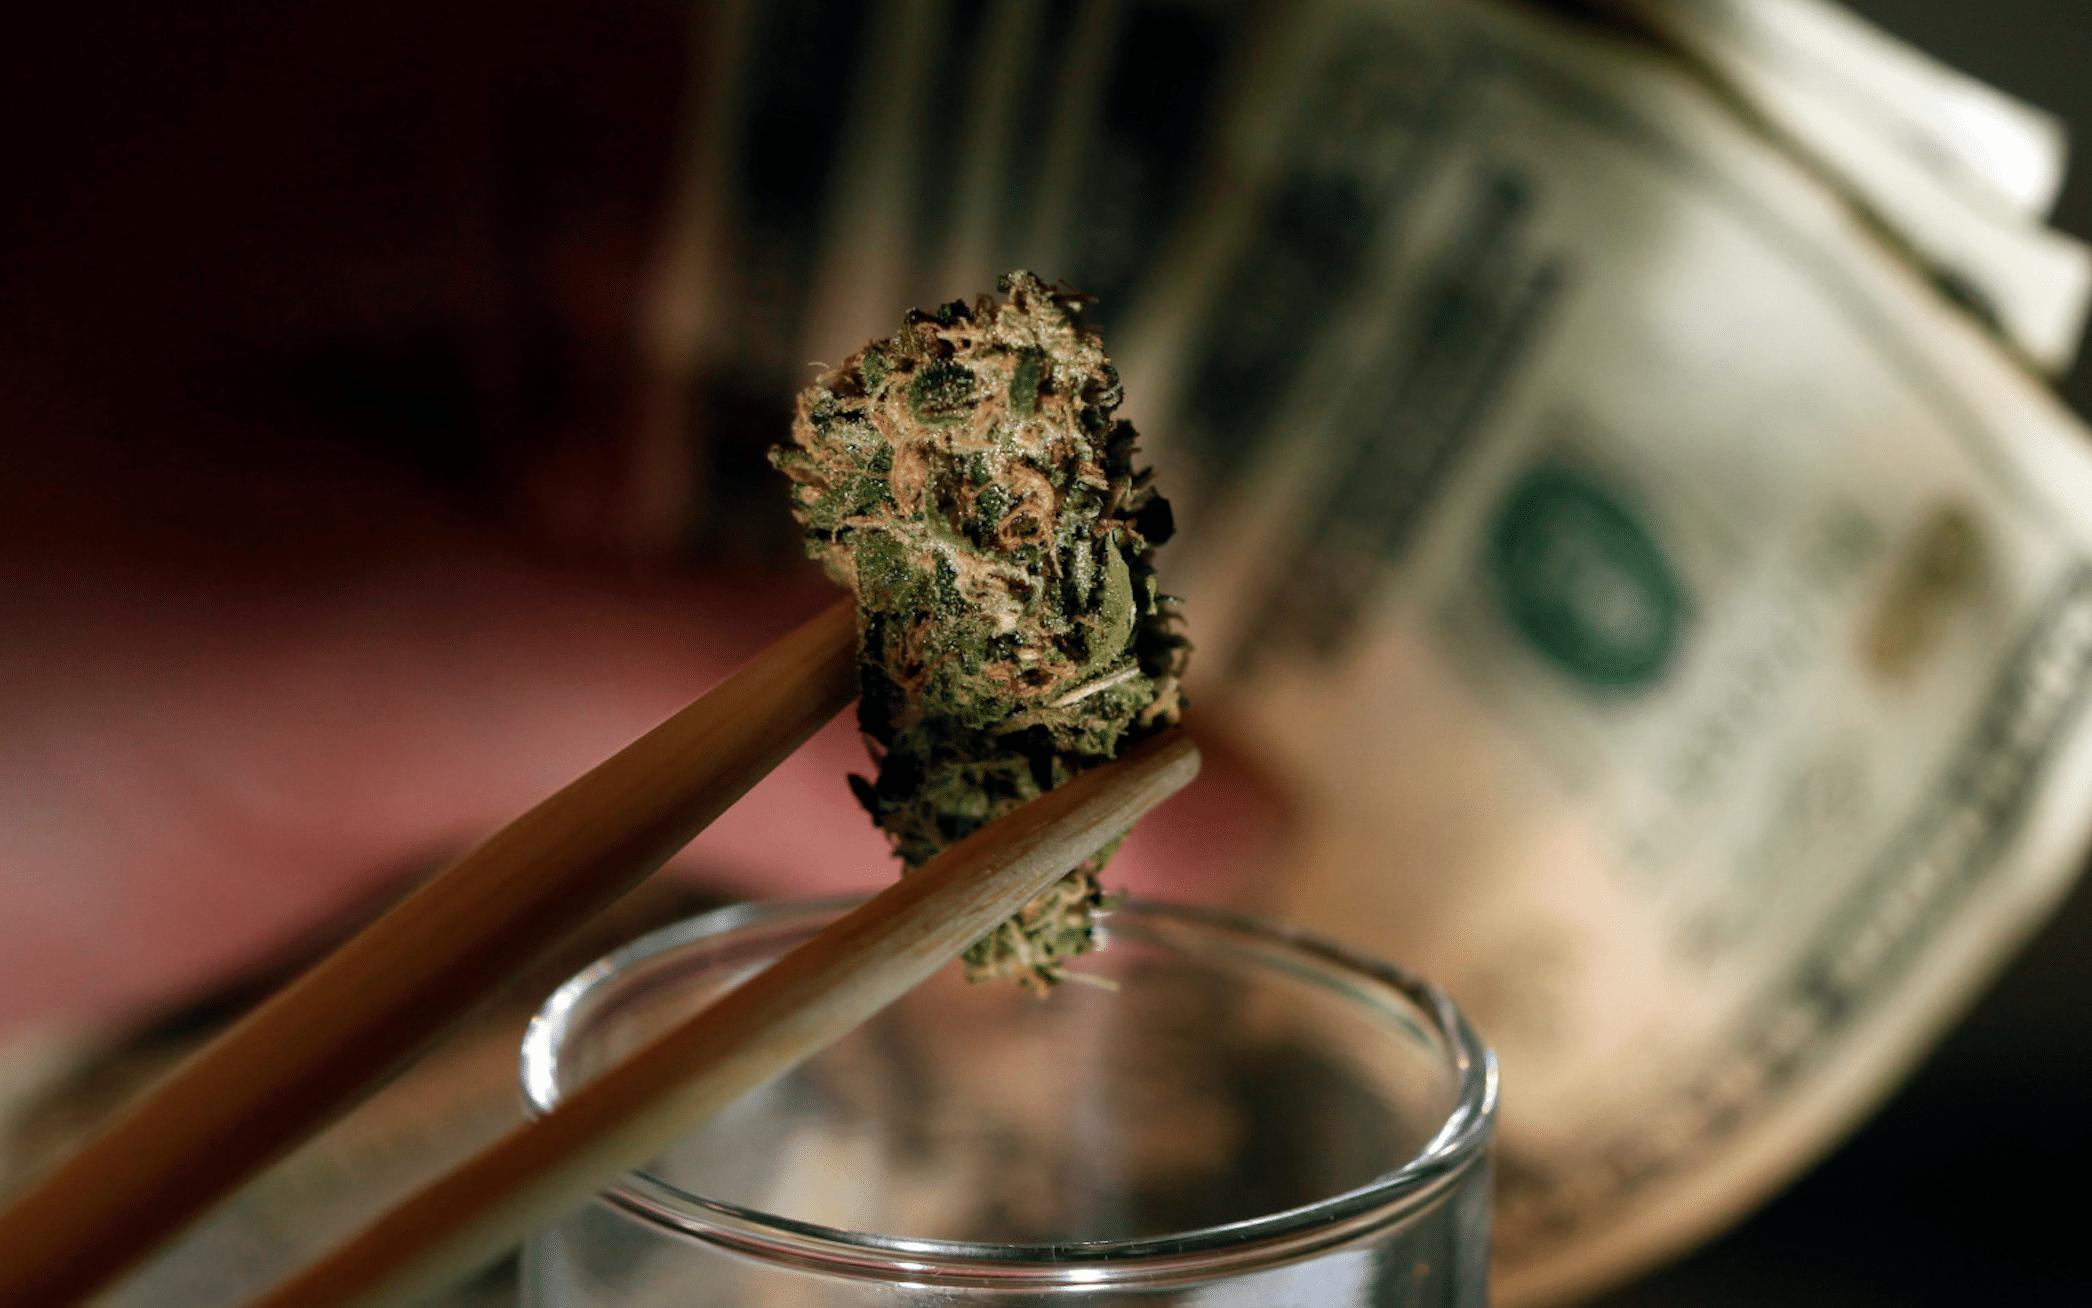 Nación Cannabis | Marihuana en la Bolsa hace Boom: firmas crecen hasta 5000%